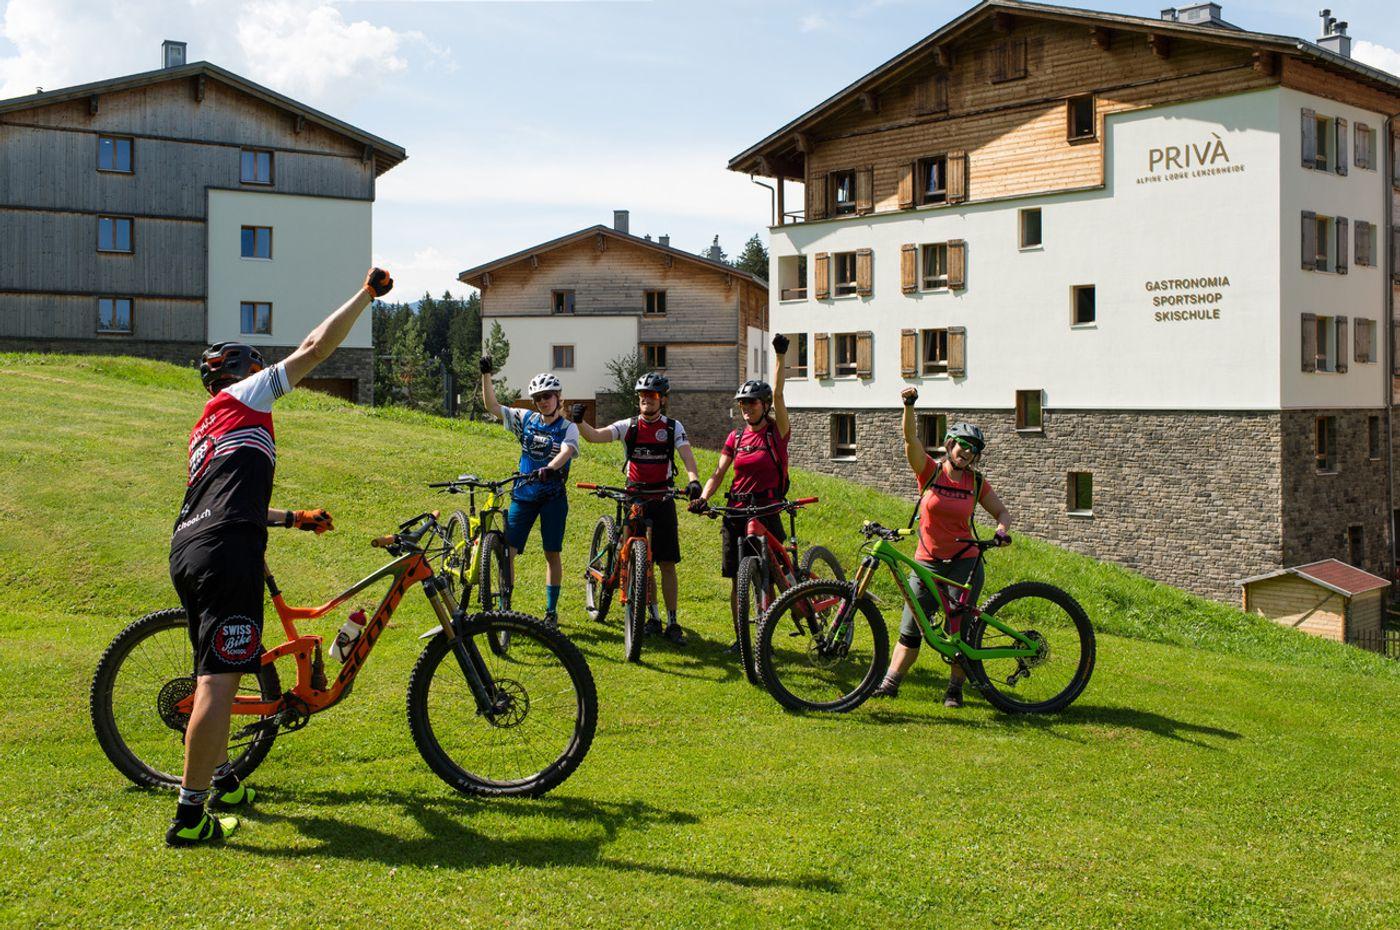 MoritzHillebrand_SwissBikeschool_20190829_Lenzerheide_41